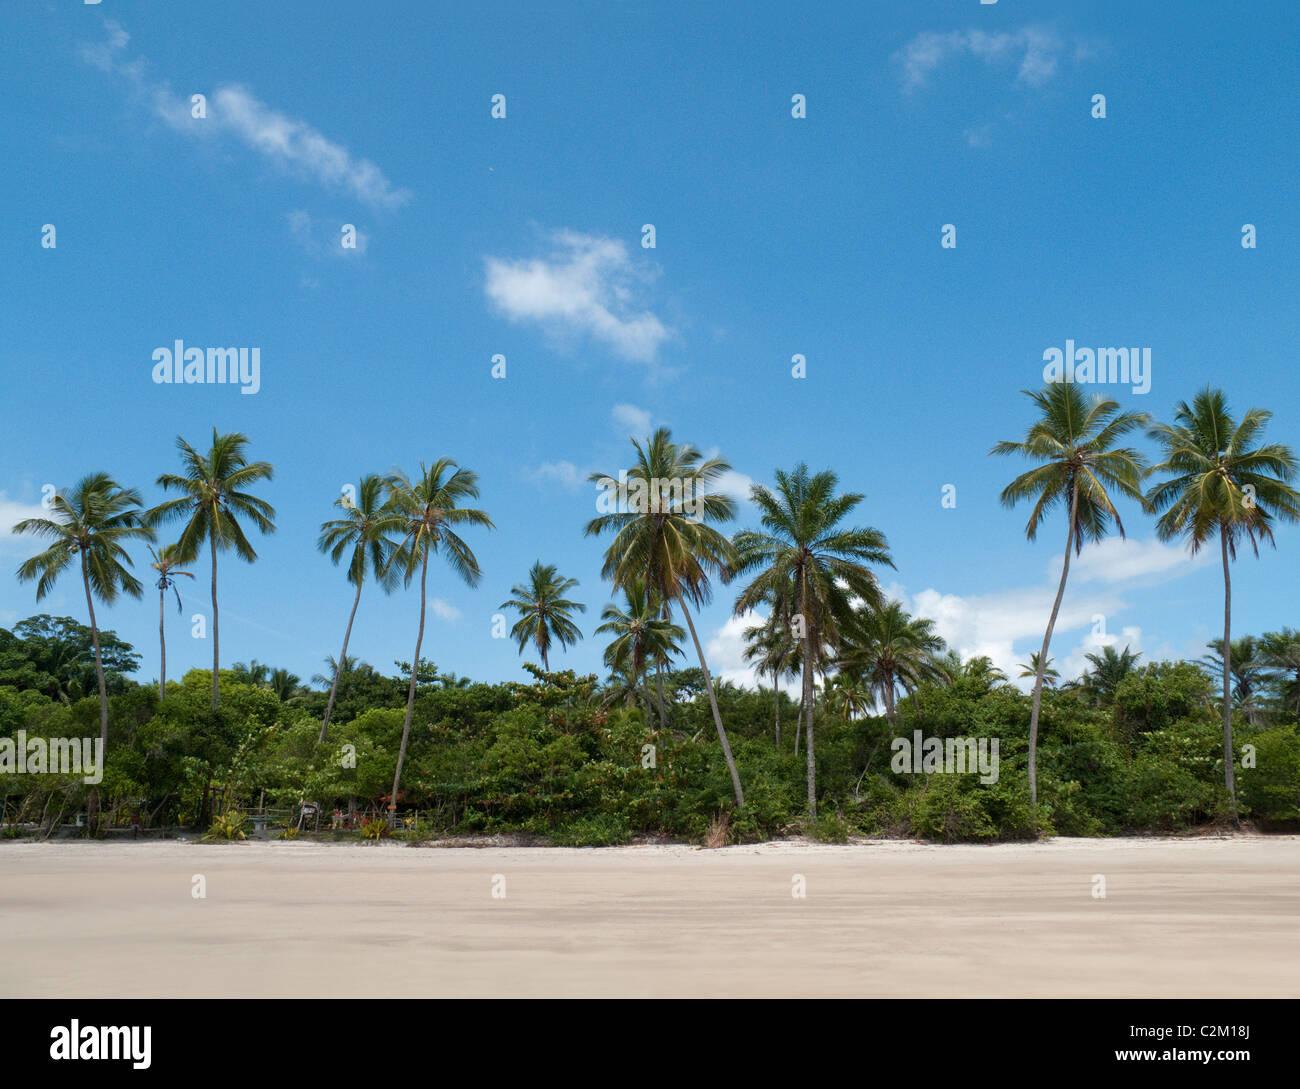 Las palmeras en la playa, la Isla de Boipeba, Bahia, Brasil Foto de stock